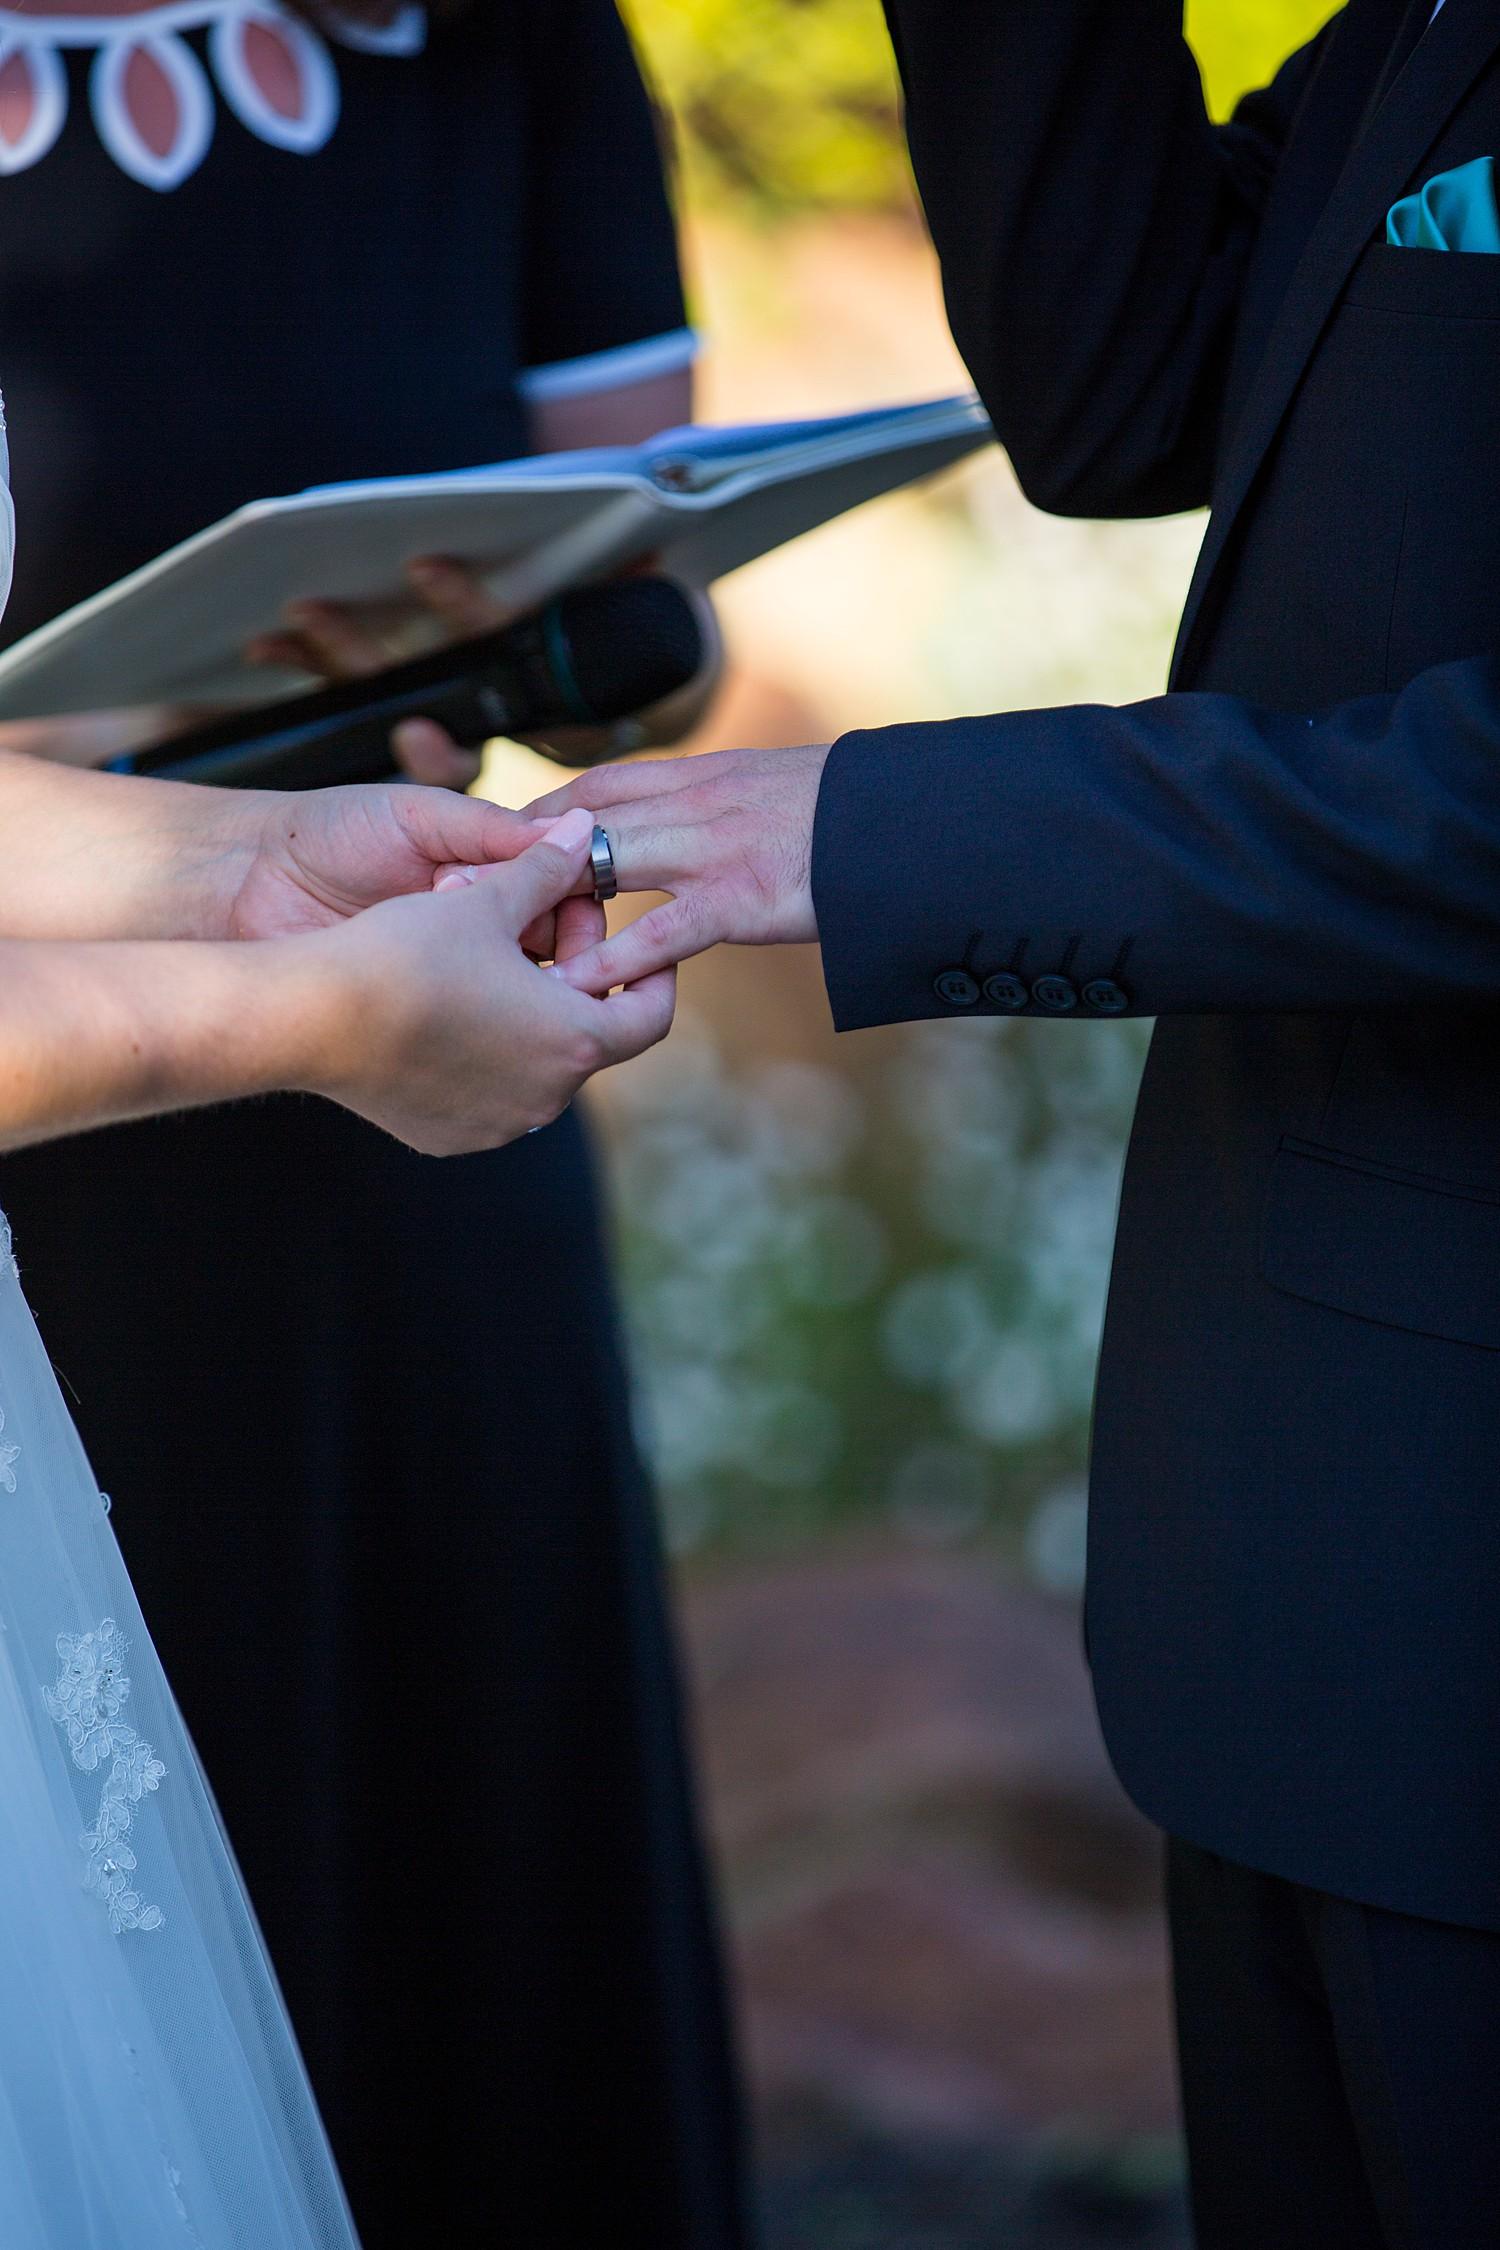 perth_wedding_spring_bridgeleigh_estate_0046.jpg